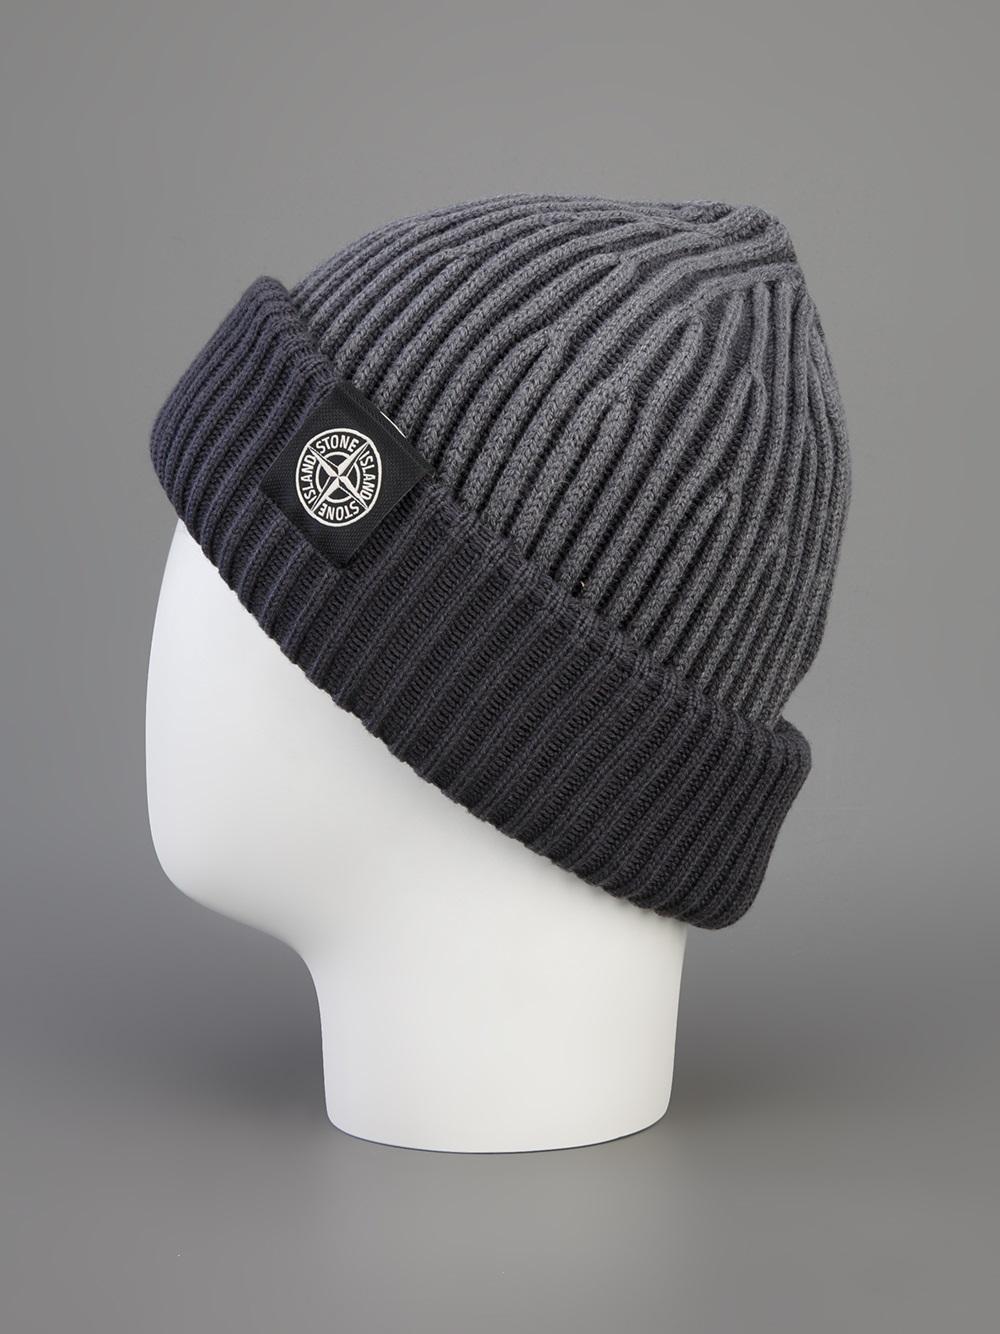 chunky knit beanie - White Stone Island z4A9pr0A